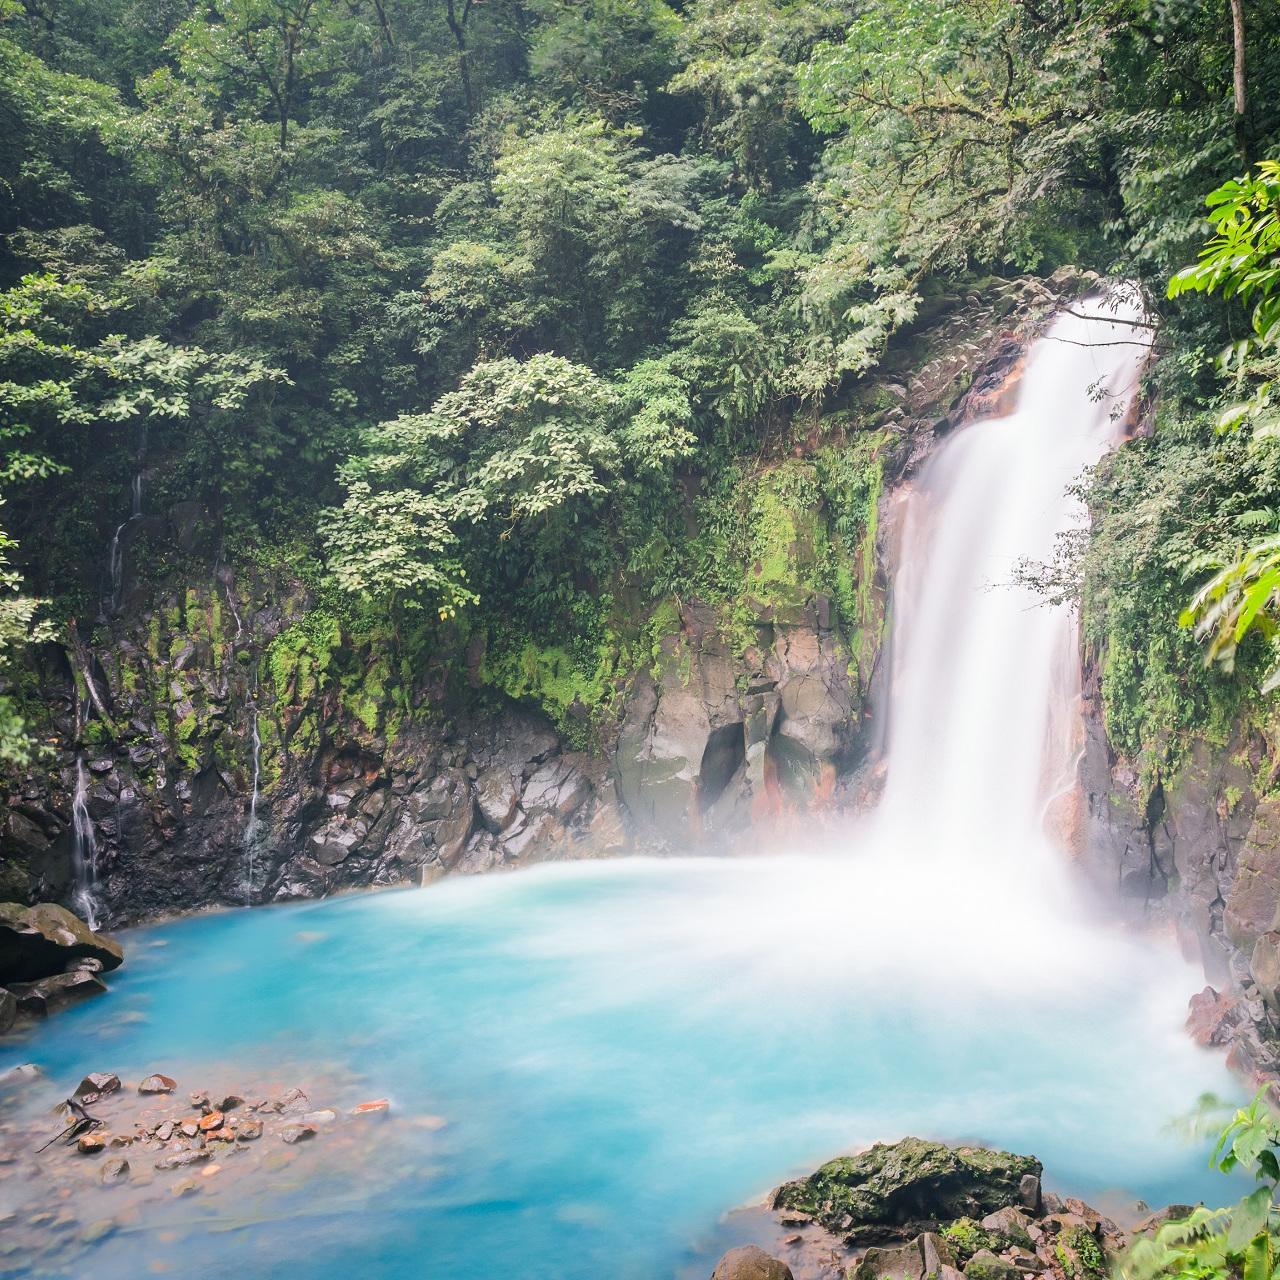 Flüge nach Costa Rica (San José) ab 435€ Hin und Rückflug von Berlin, Hamburg, Düsseldorf, München, Frankfurt und Stuttgart (Mär - Nov)